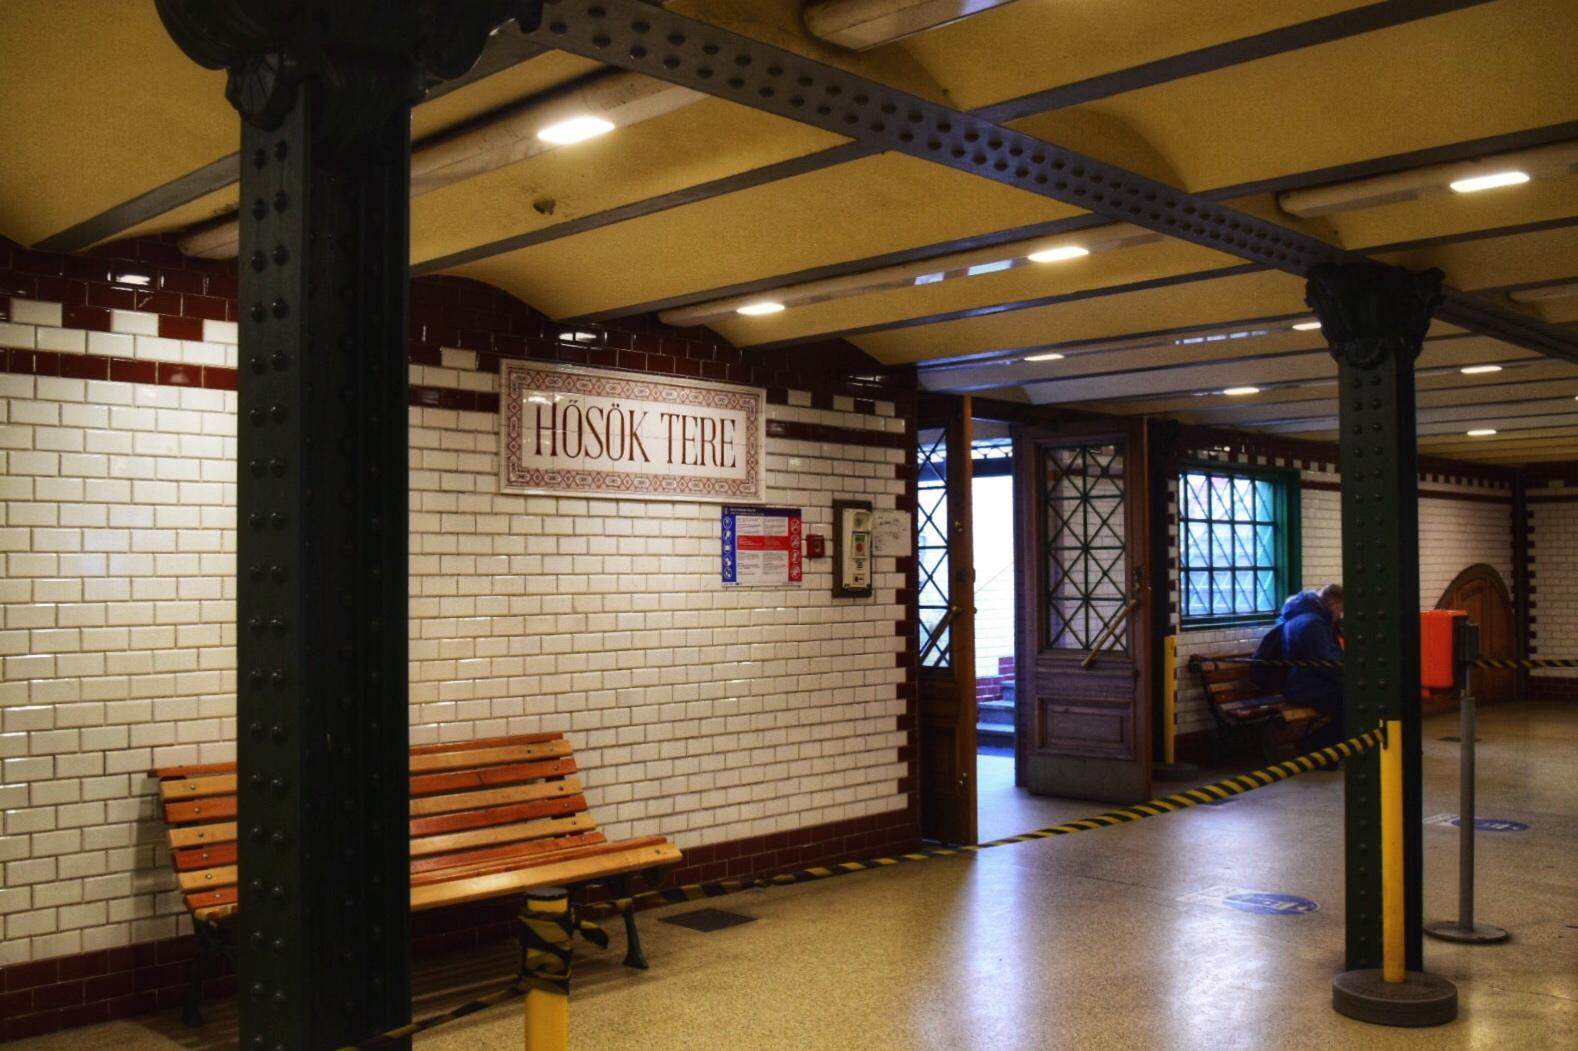 ブダペストの地下鉄1号線のホーム